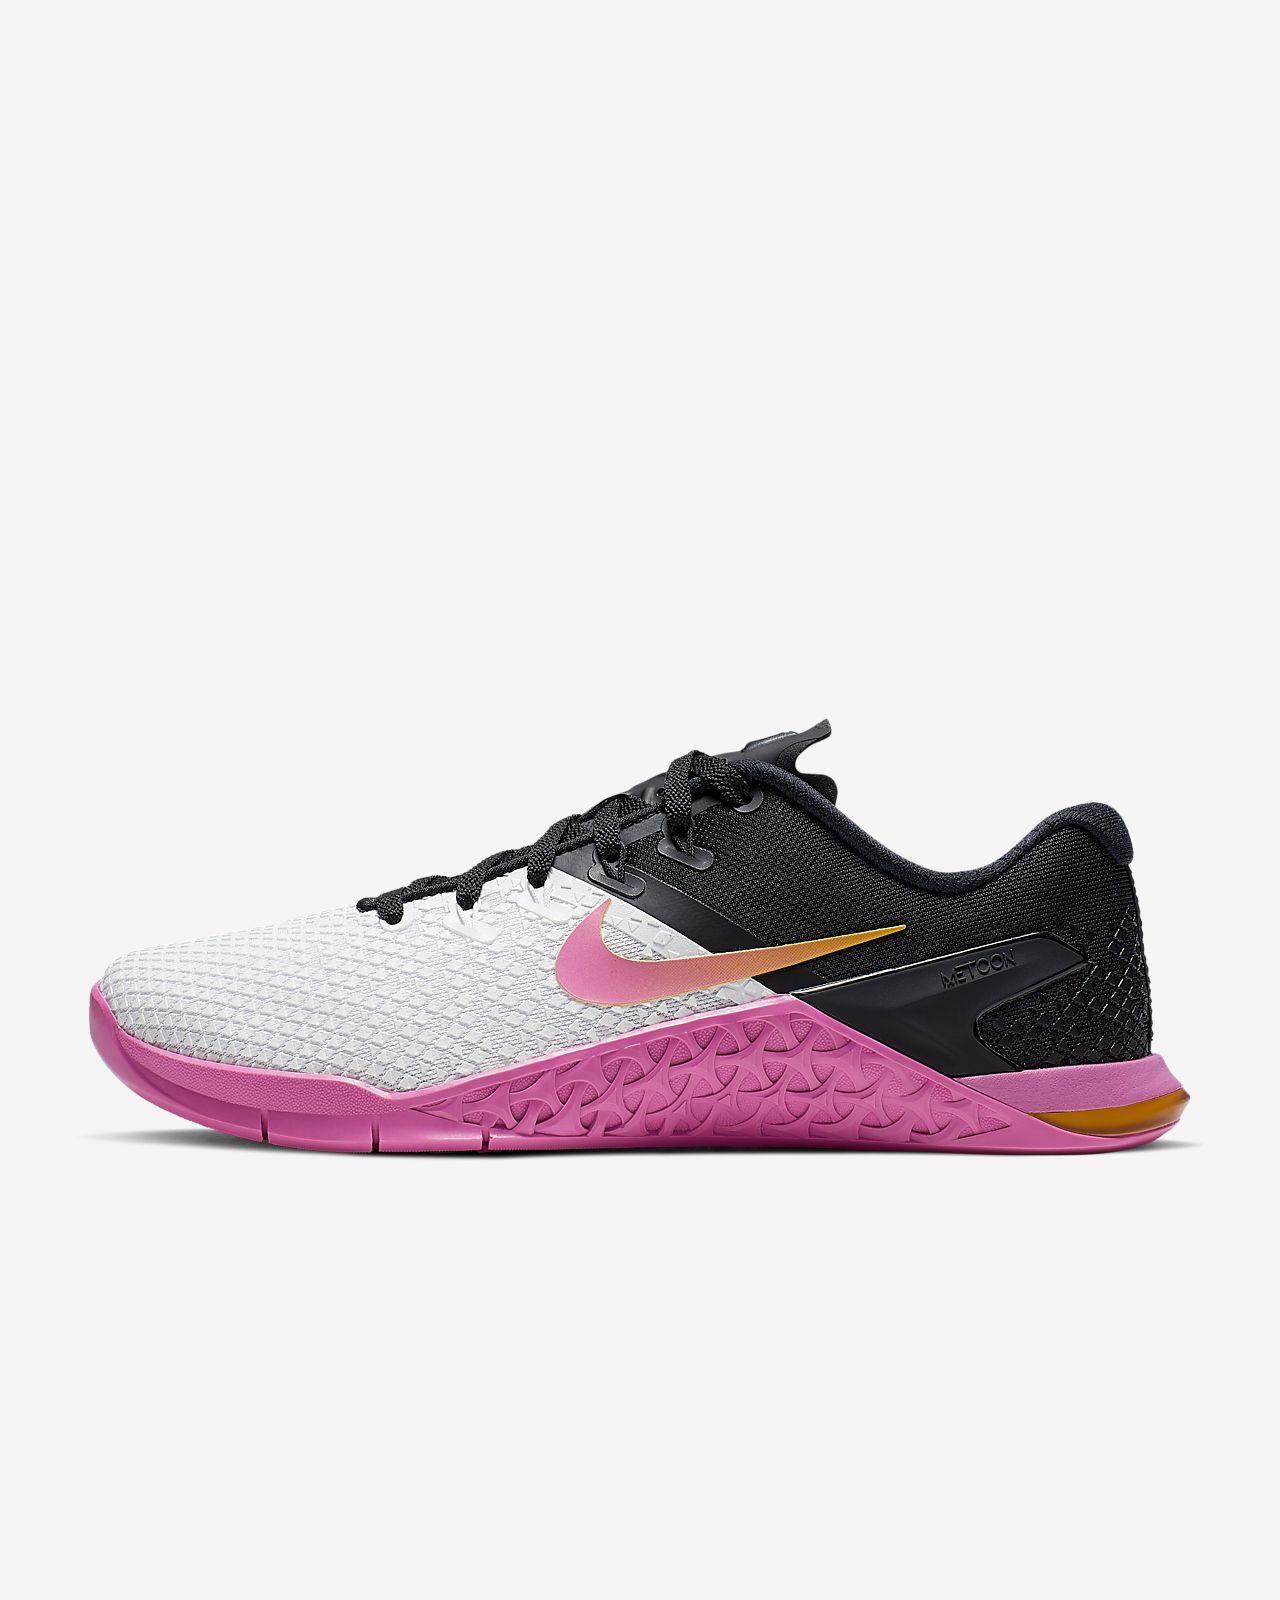 6e47fbb971ad1 ... Nike Metcon 4 XD Zapatillas de cross training y levantamiento de pesas  - Mujer